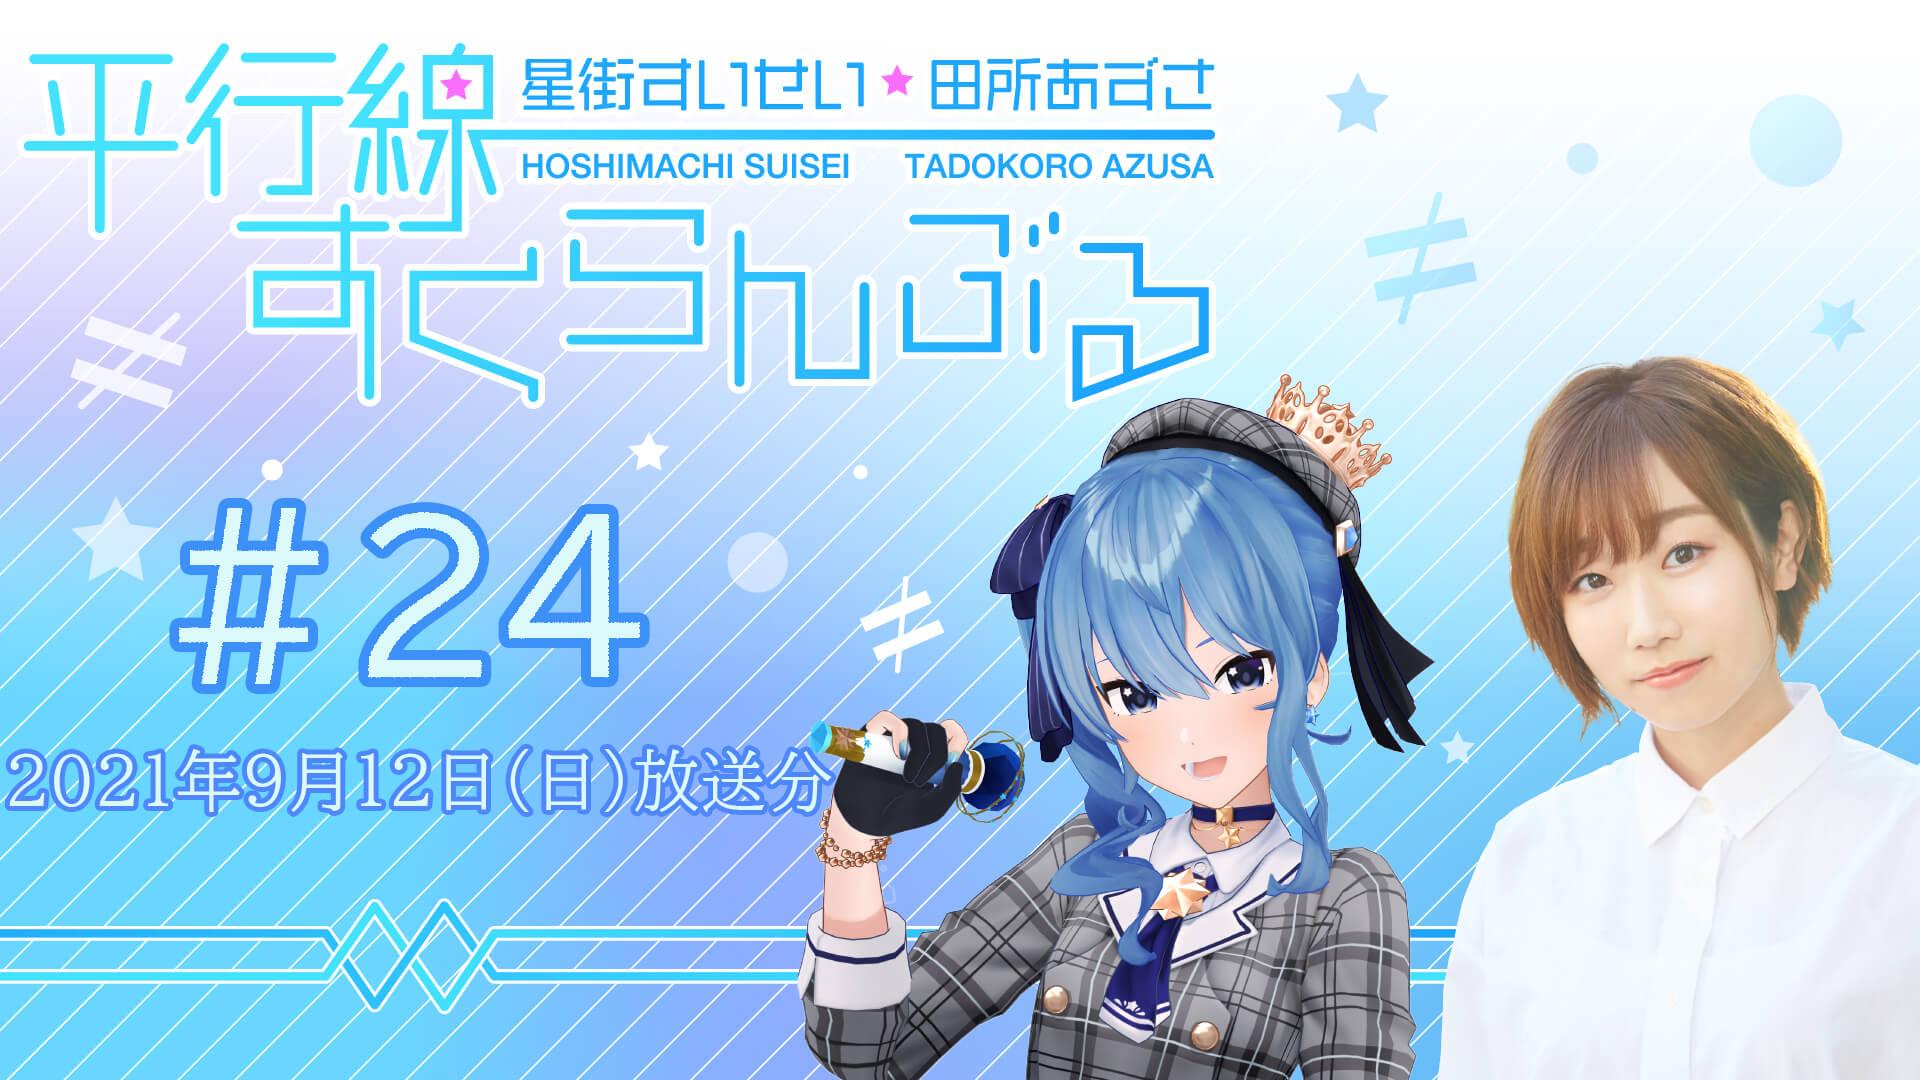 #24『星街すいせい・田所あずさ 平行線すくらんぶる』(2021年9月12日放送分)